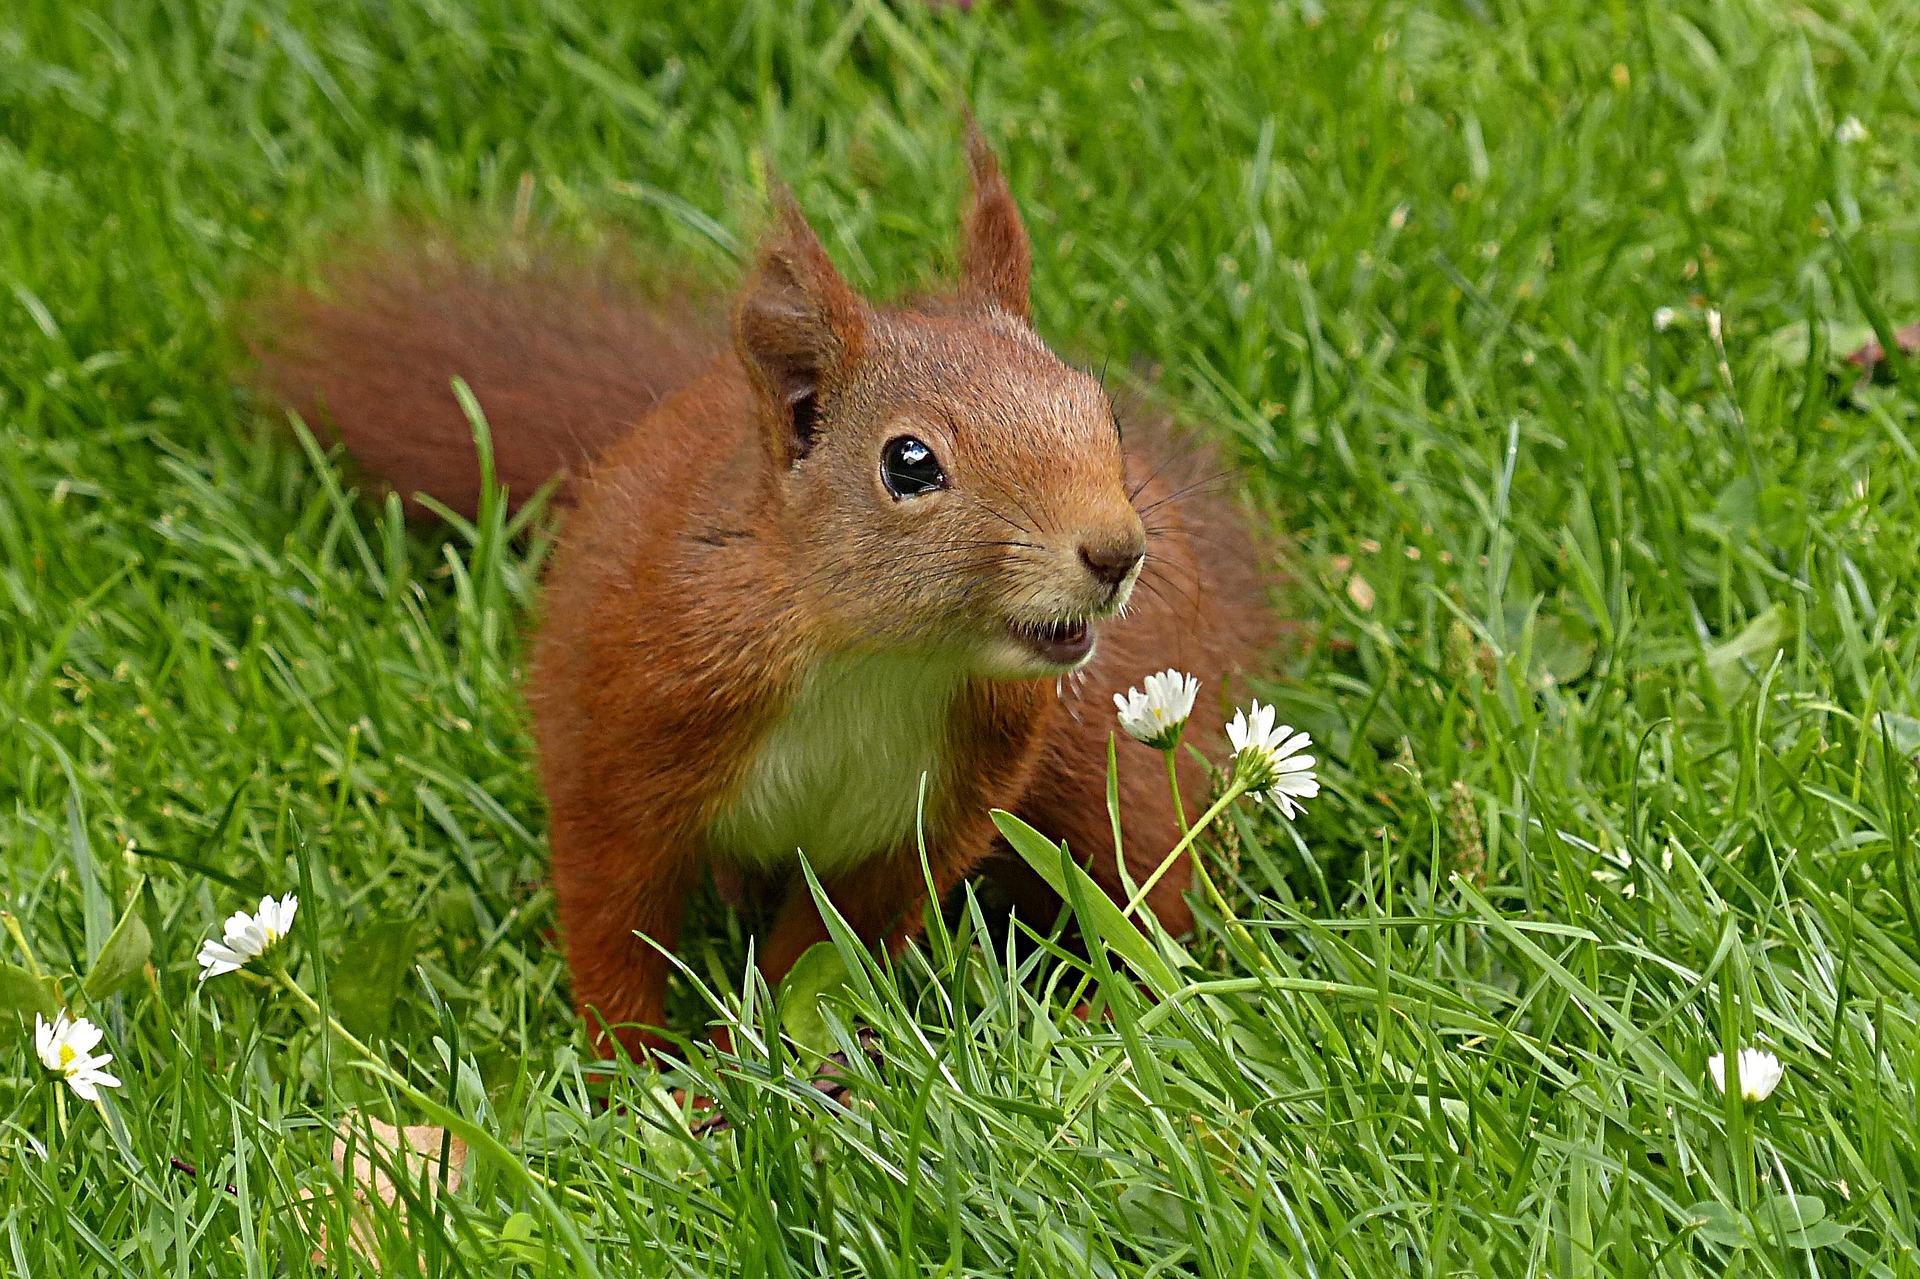 Kuvassa iloisen näköinen orava vihreällä nurmella.